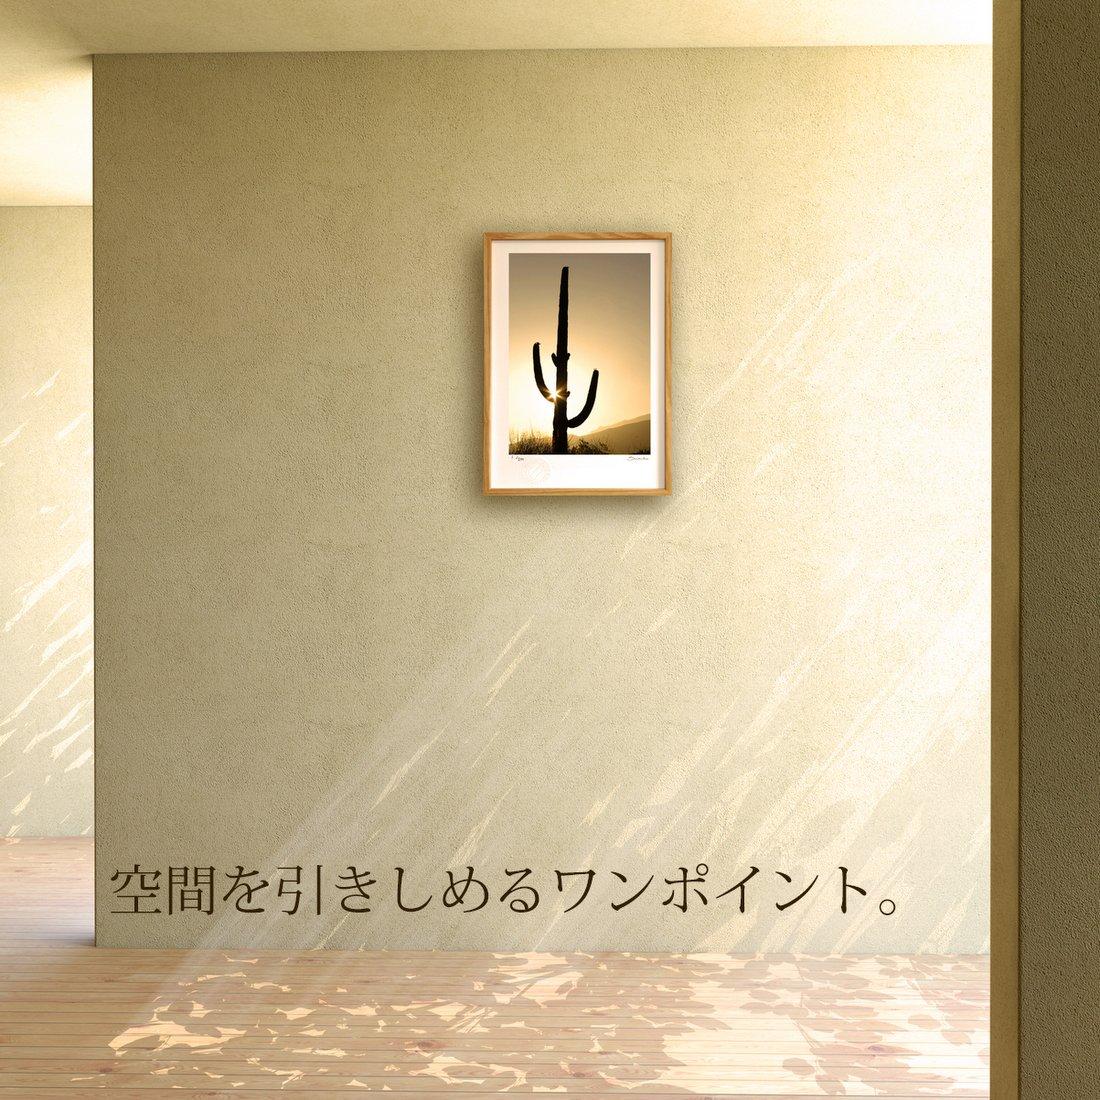 【版画 絵画】ミツバチとカリフォルニアポピー(スミコ スコット)/インテリア 壁掛け 額入り アート アートパネル アートフレーム